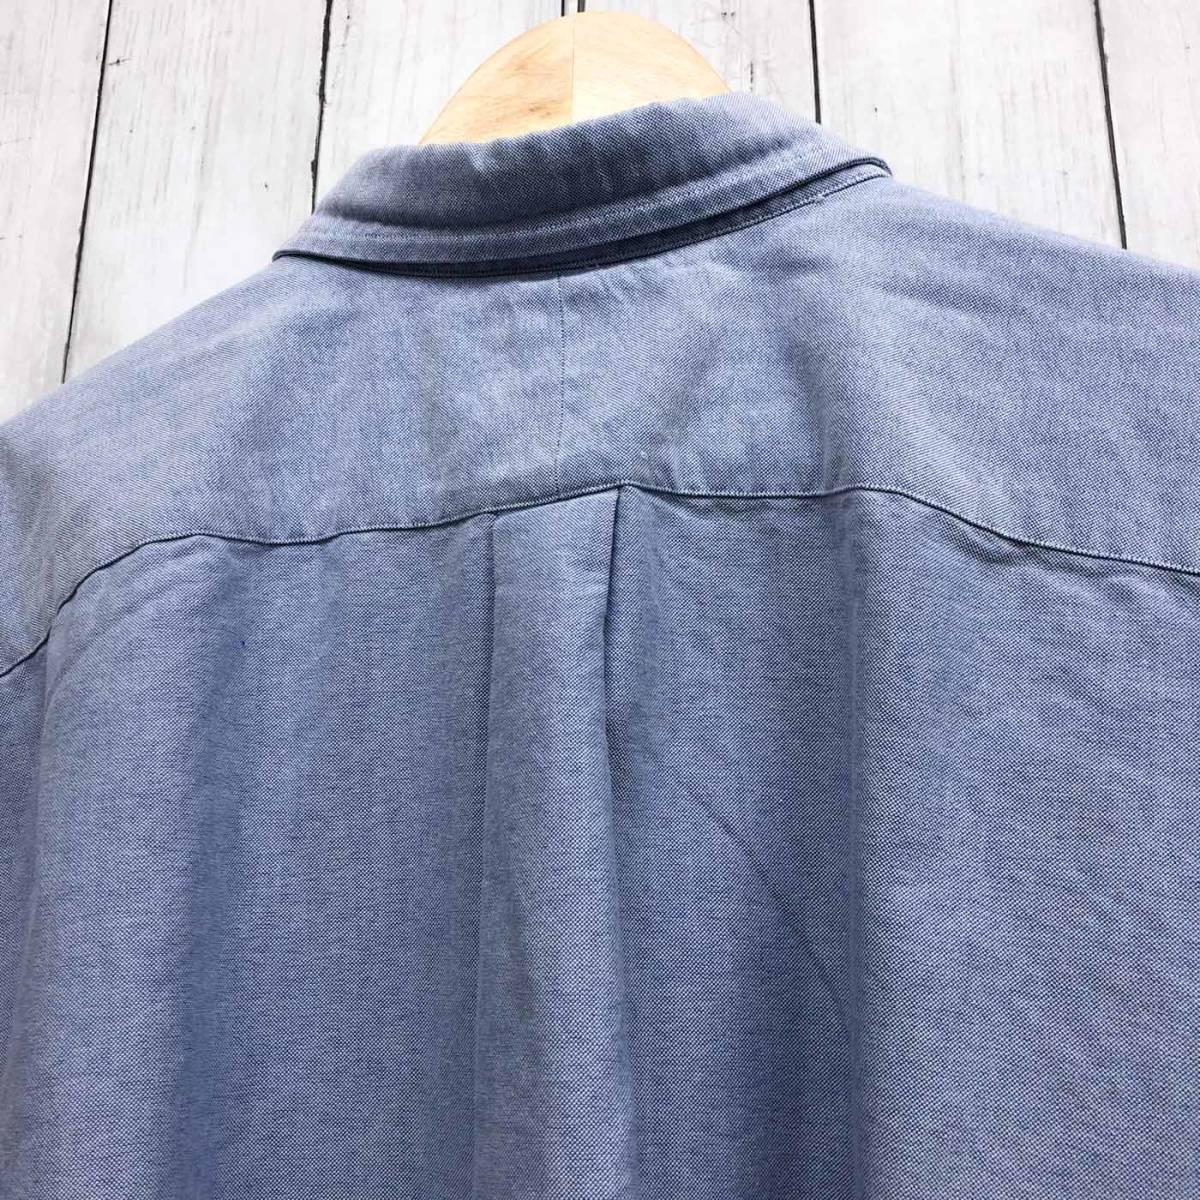 ラルフローレン POLO Ralph Lauren Polo 半袖シャツ メンズ ワンポイント 3XLサイズ 7-167_画像8